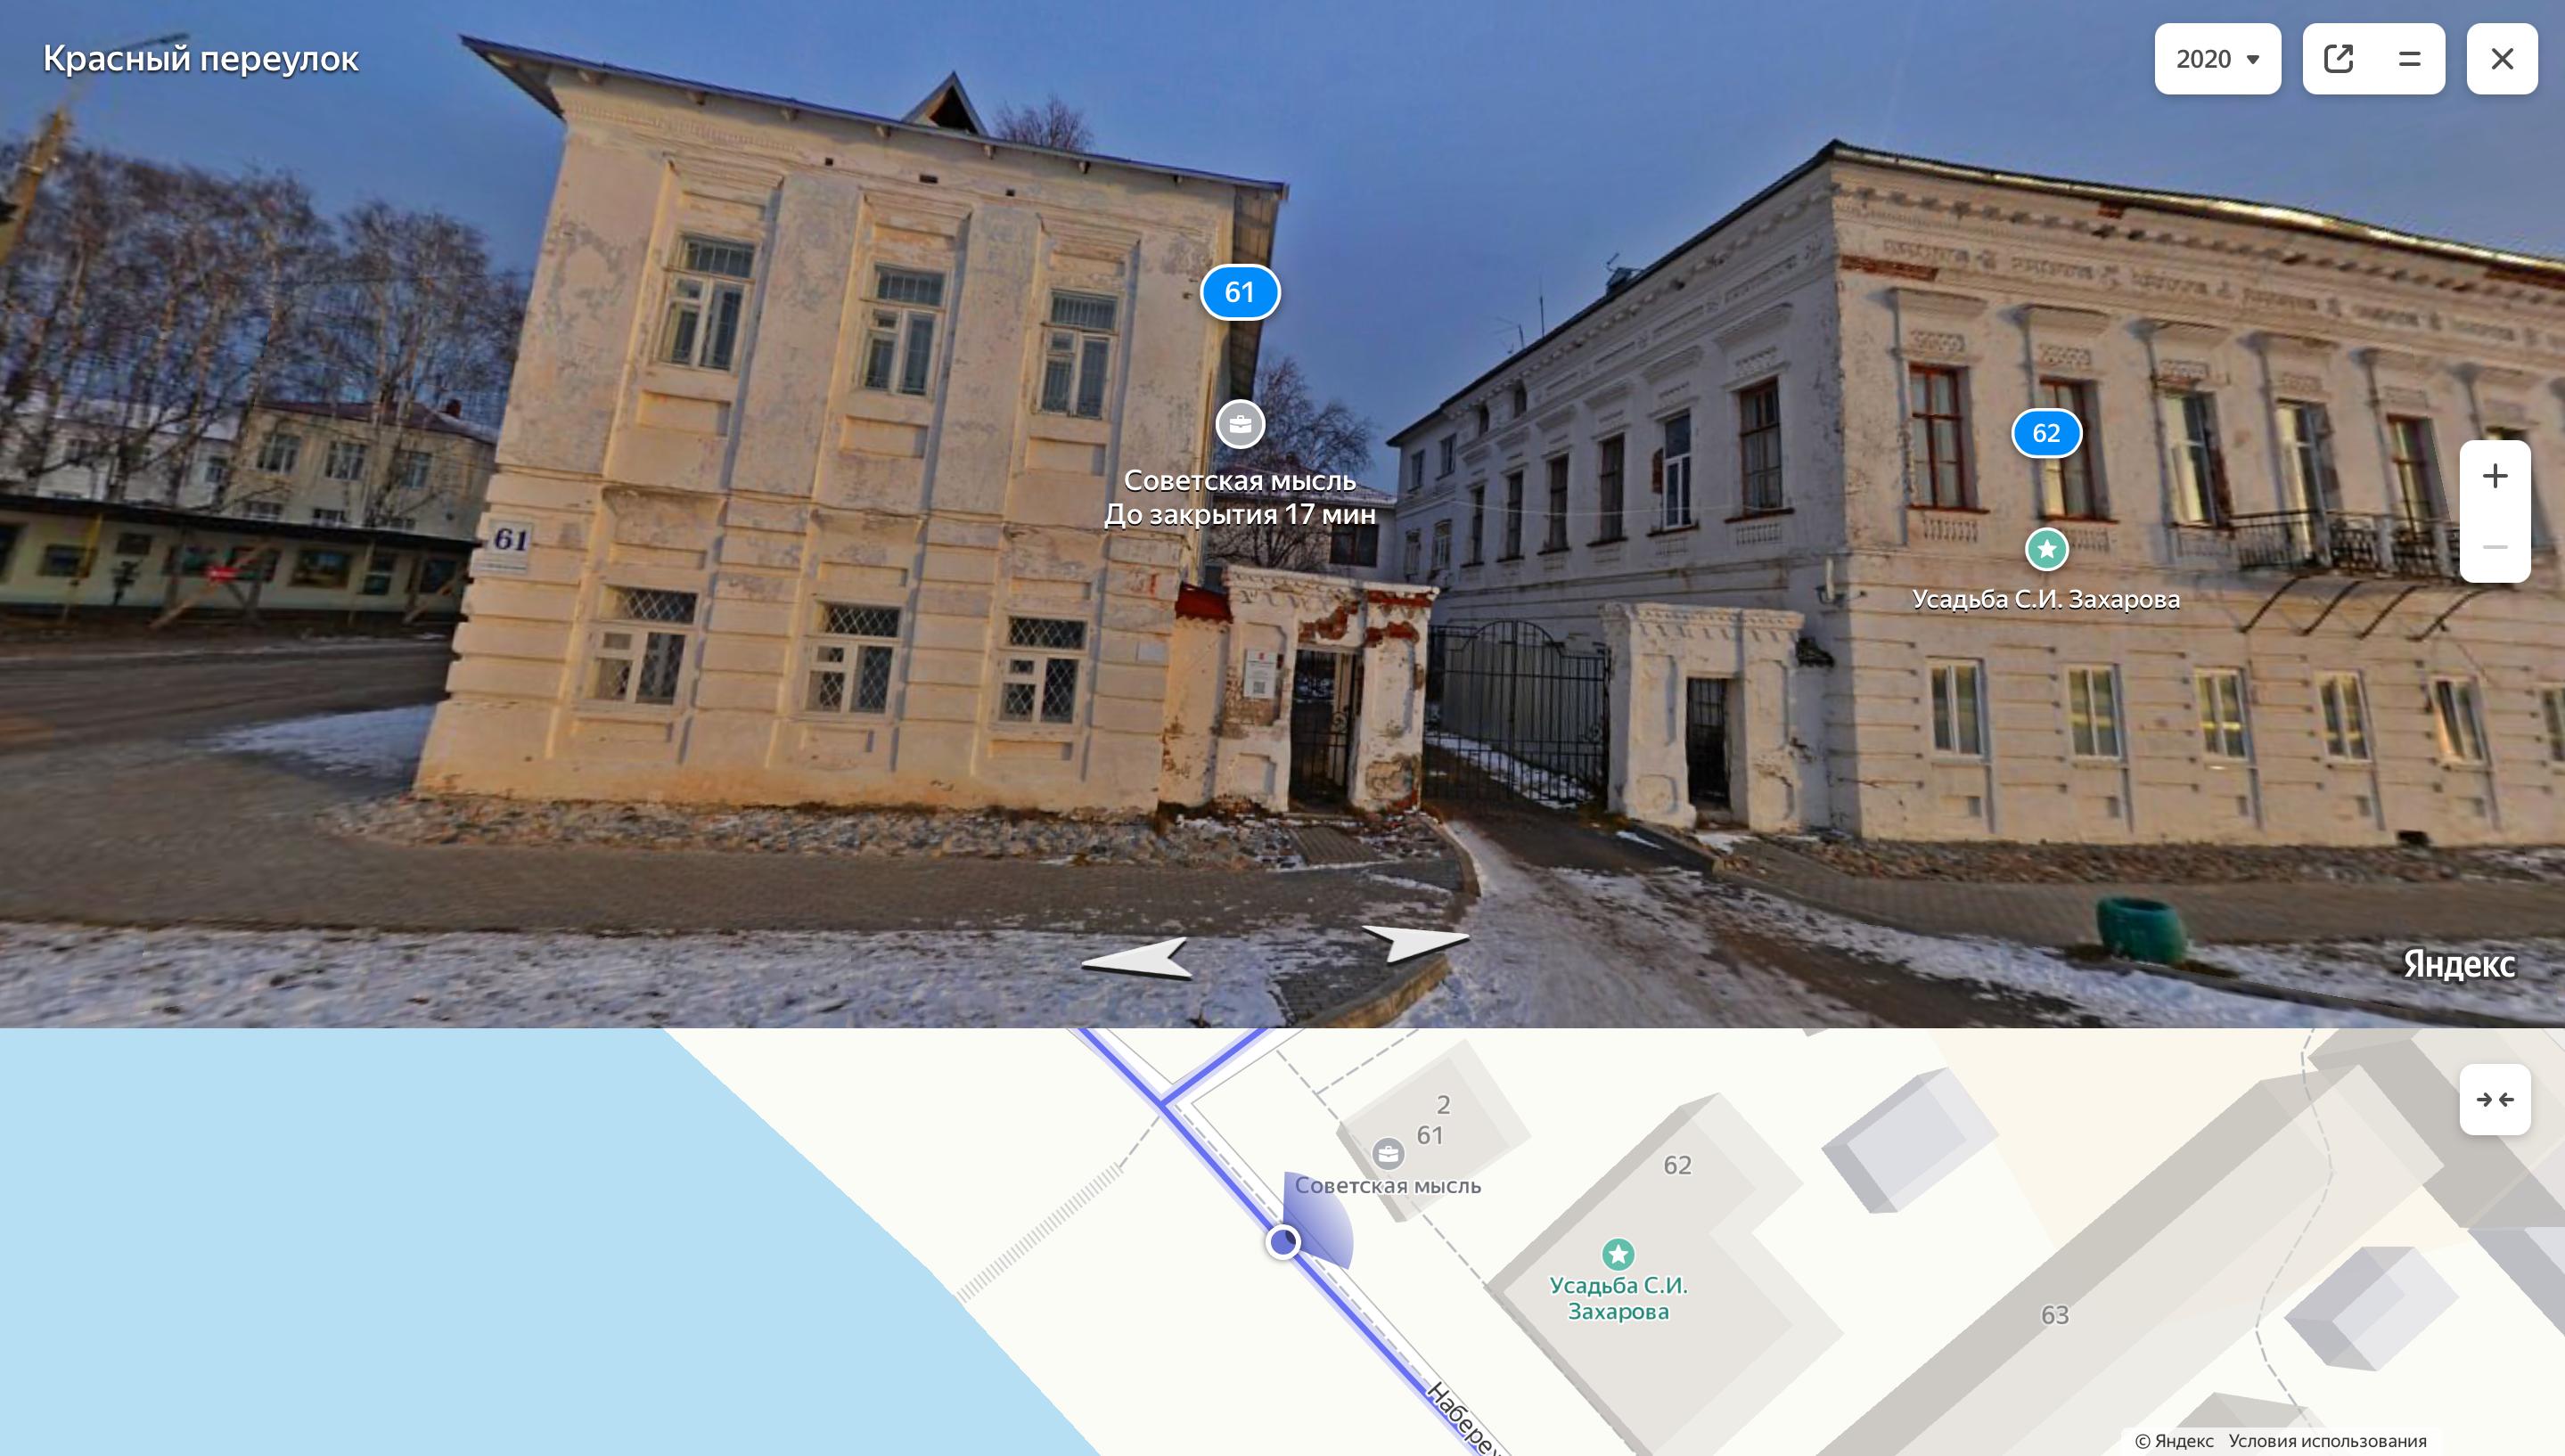 """Редакция газеты """"советская мысль"""" в здании слева."""